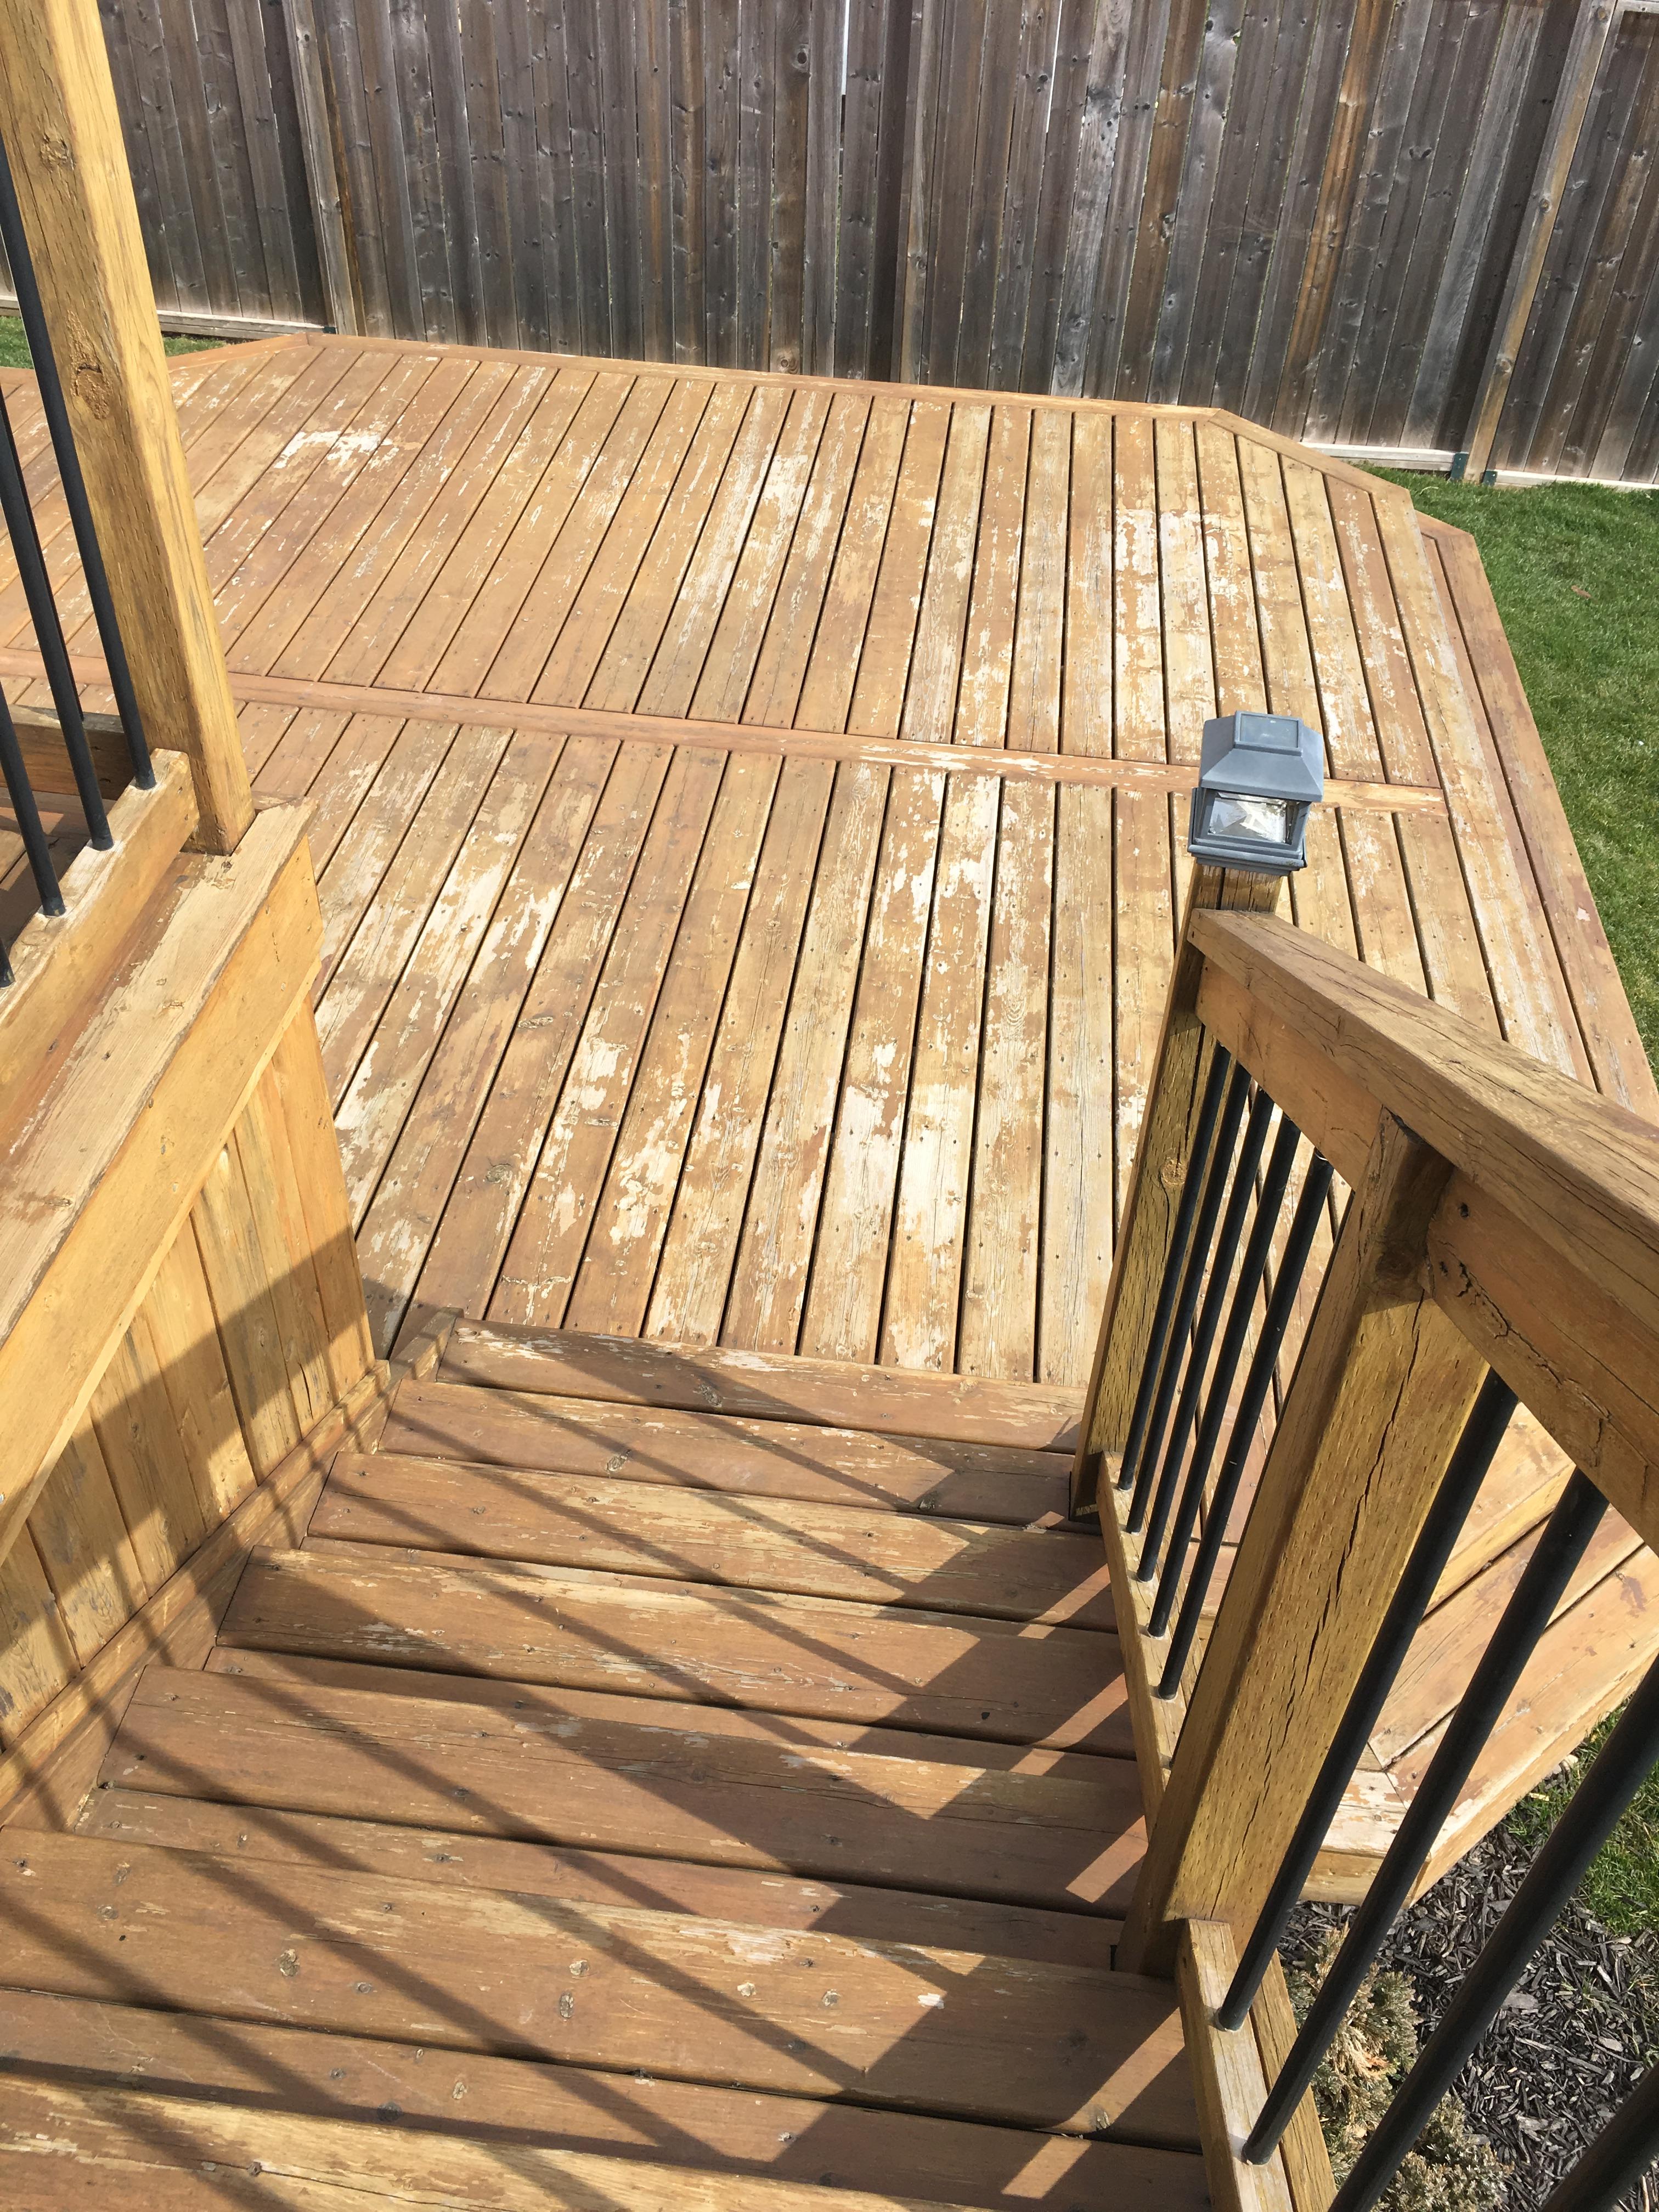 7 Months Ago Deck Stain Help